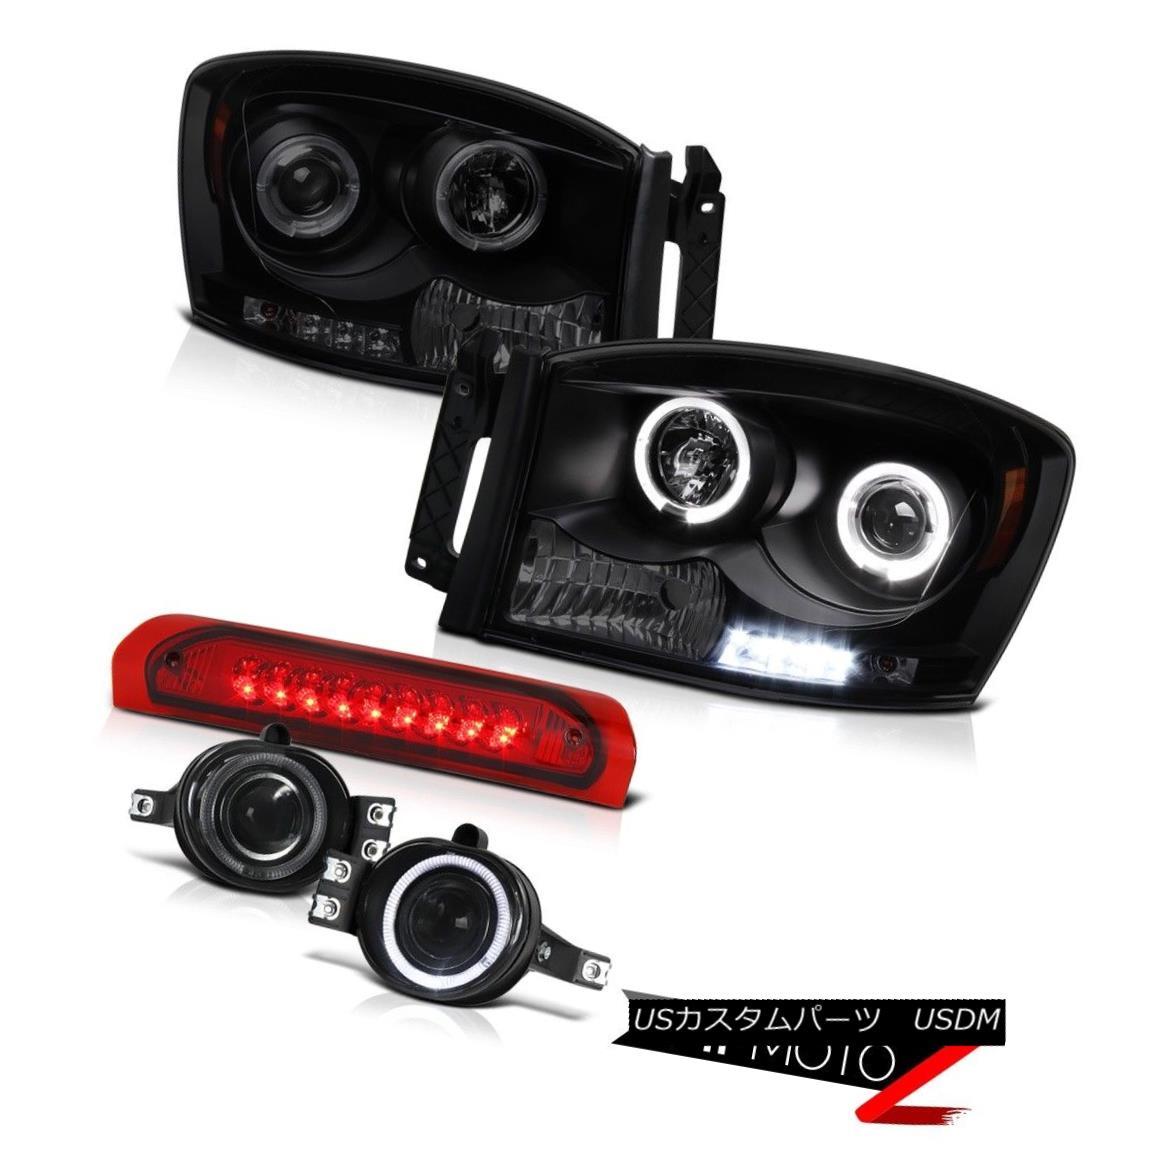 ヘッドライト 2006 Dodge Ram 1500 2500 Black Smoke Halo Headlight 3RD Brake Cab Light Taillamp 2006ダッジラム1500 2500ブラックスモークハローヘッドライト3RDブレーキキャブライトタイルランプ